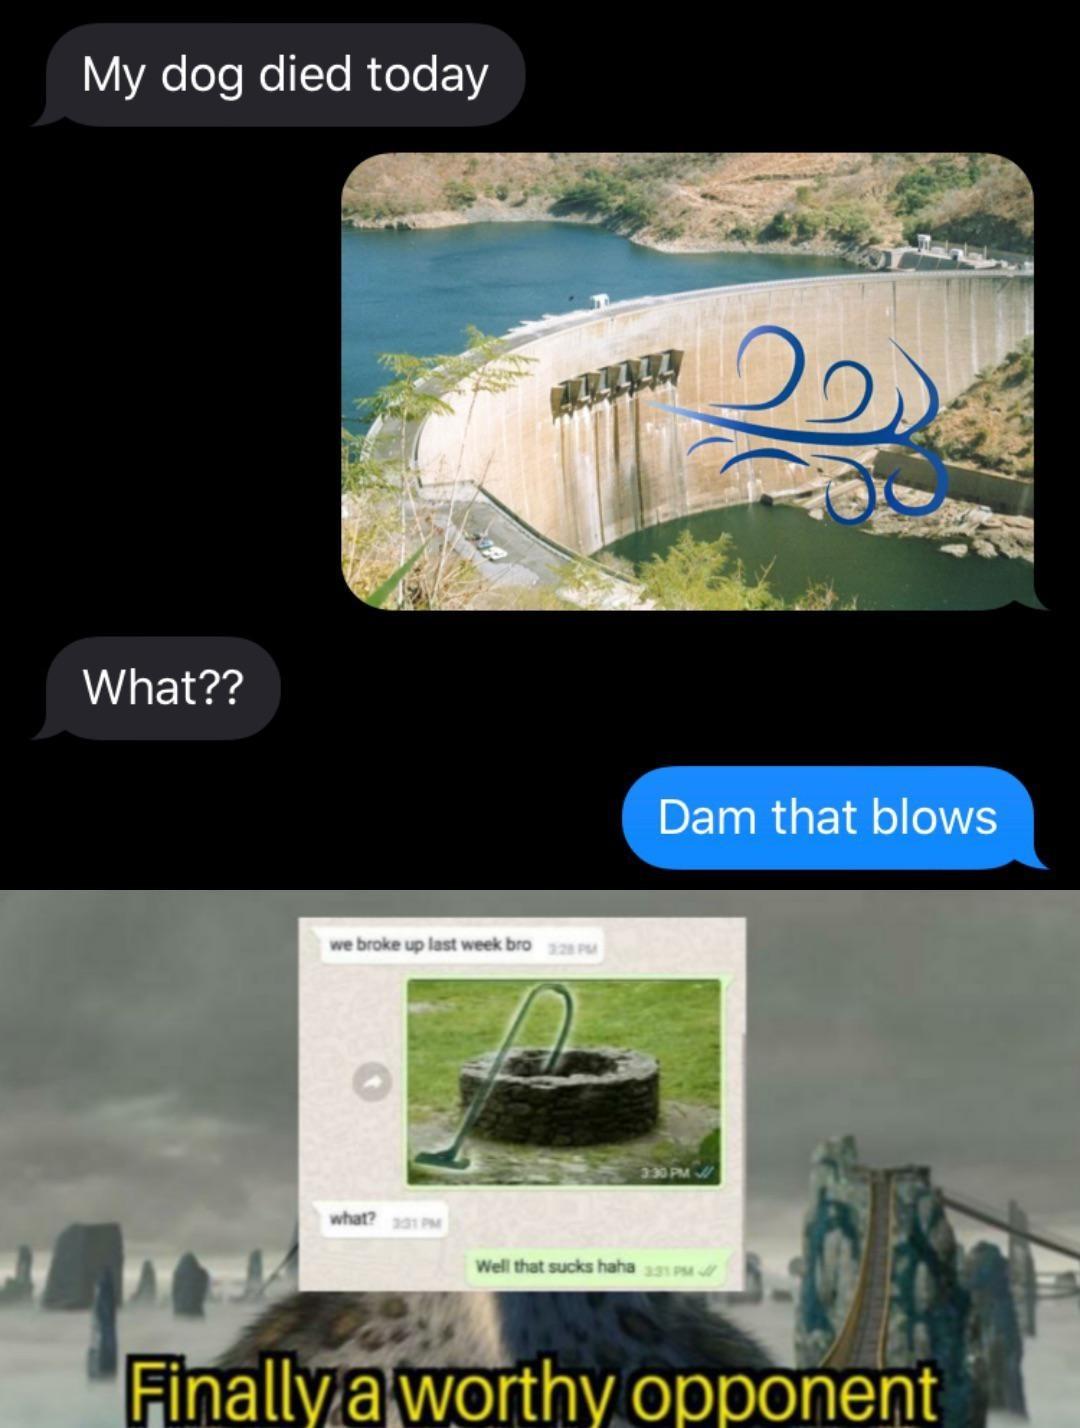 Well that sucks - meme